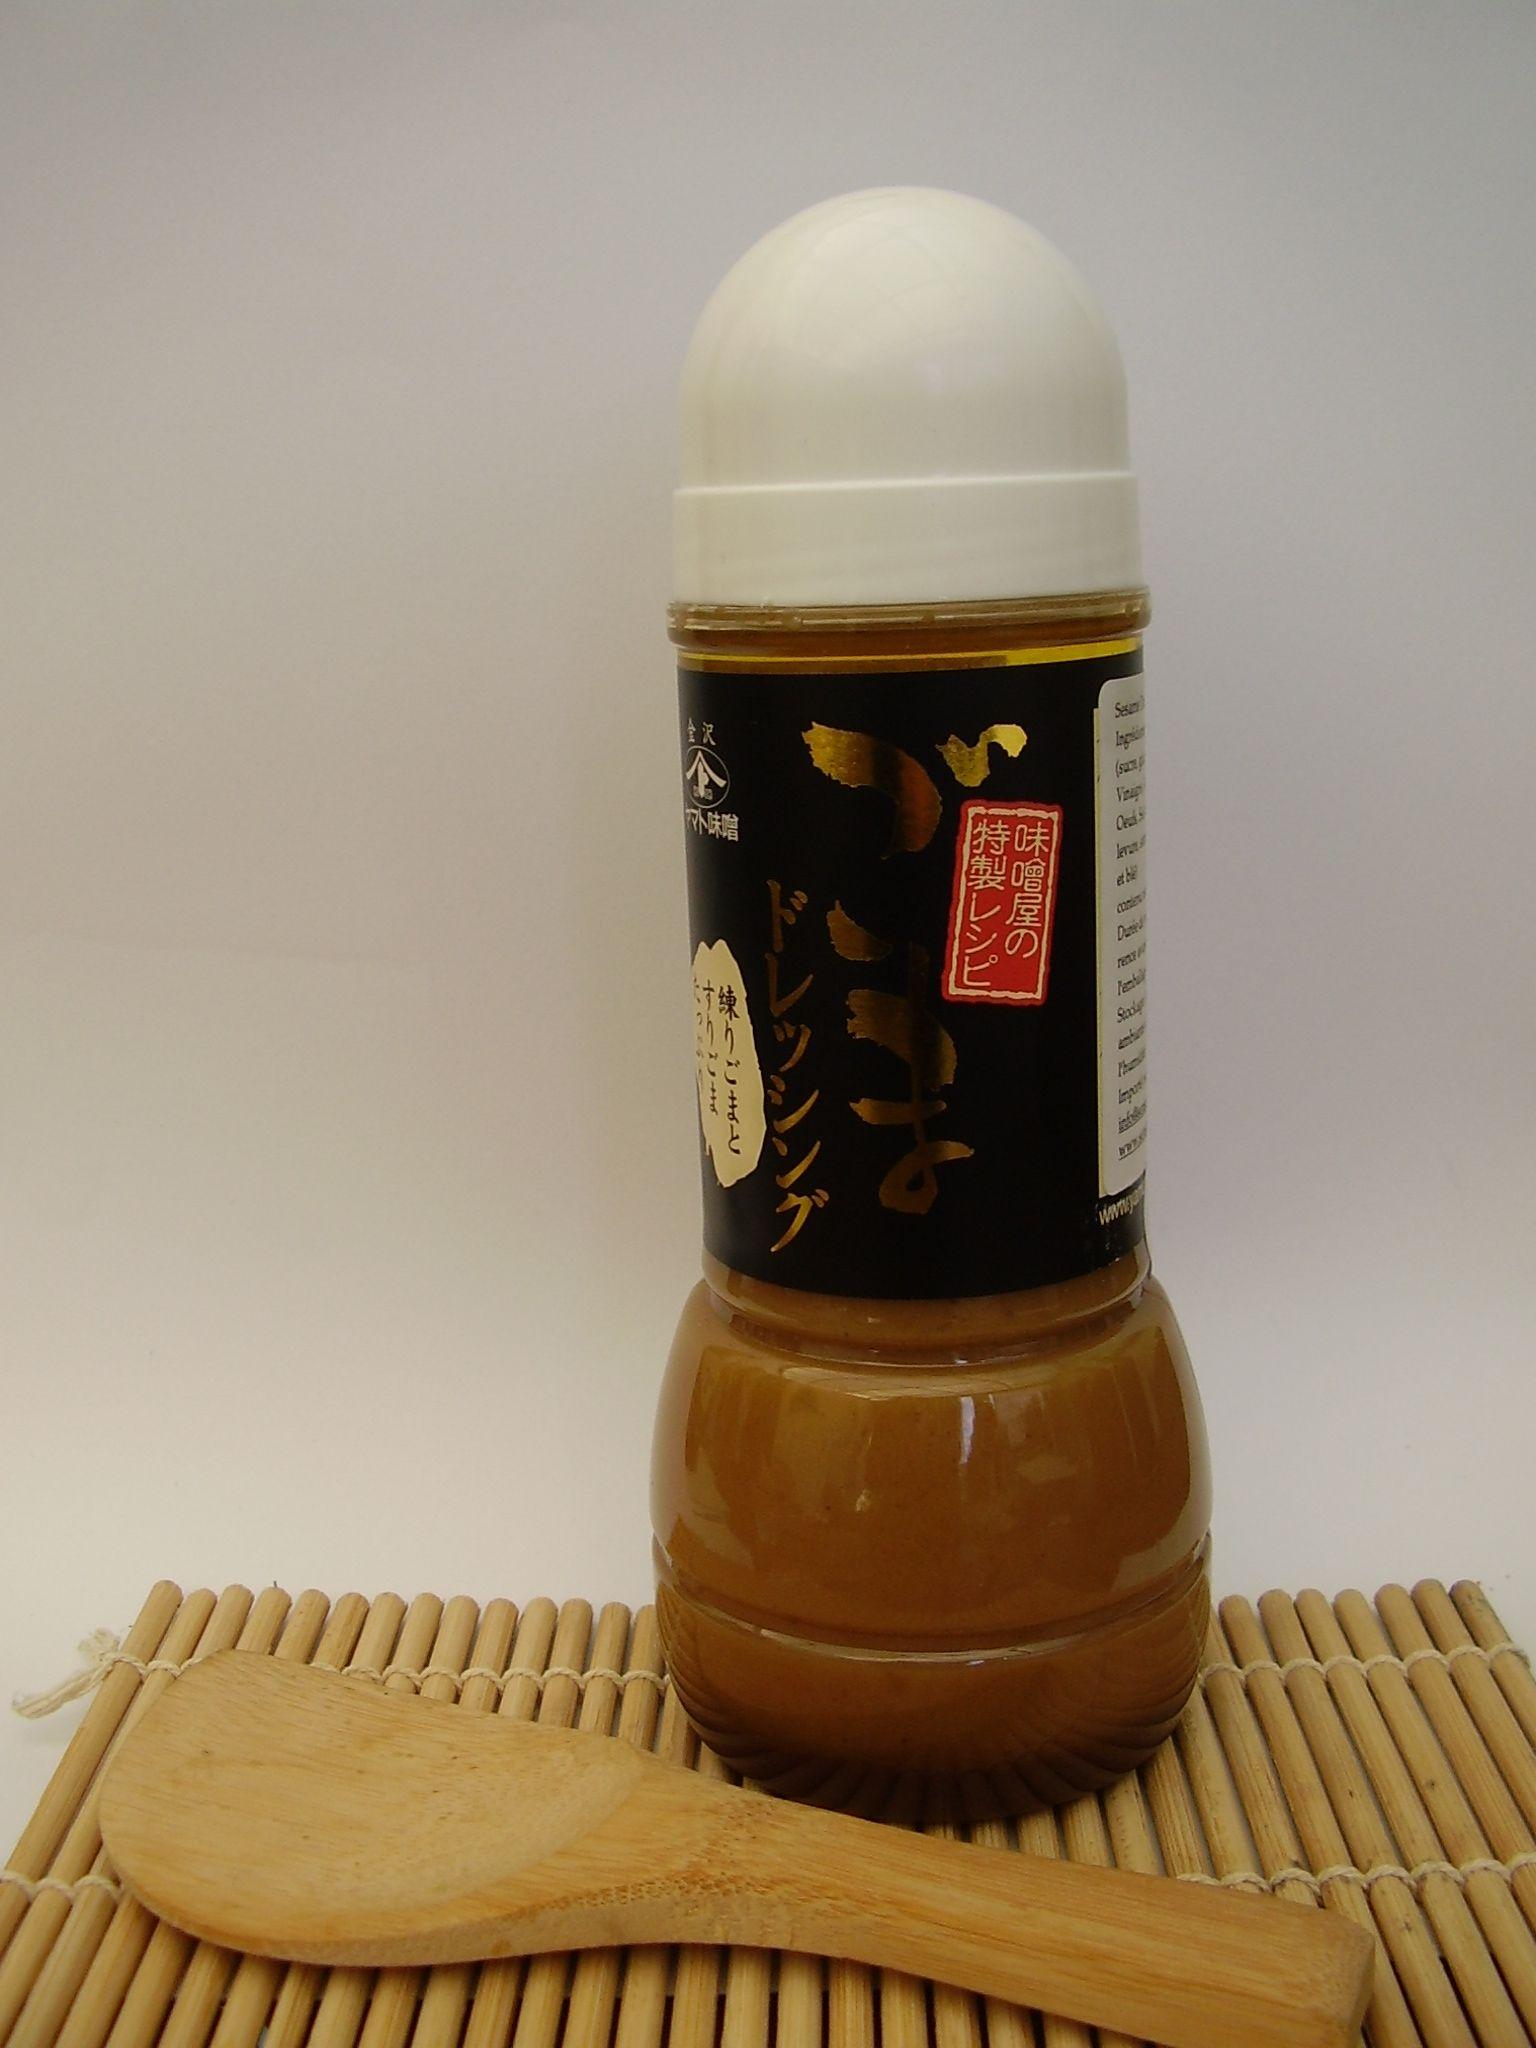 vinaigrette japonaise au sésame gomma dressing   http://www.relaisderungis.com/specialites-asiatiques/89-sesame-dressing-300ml.html